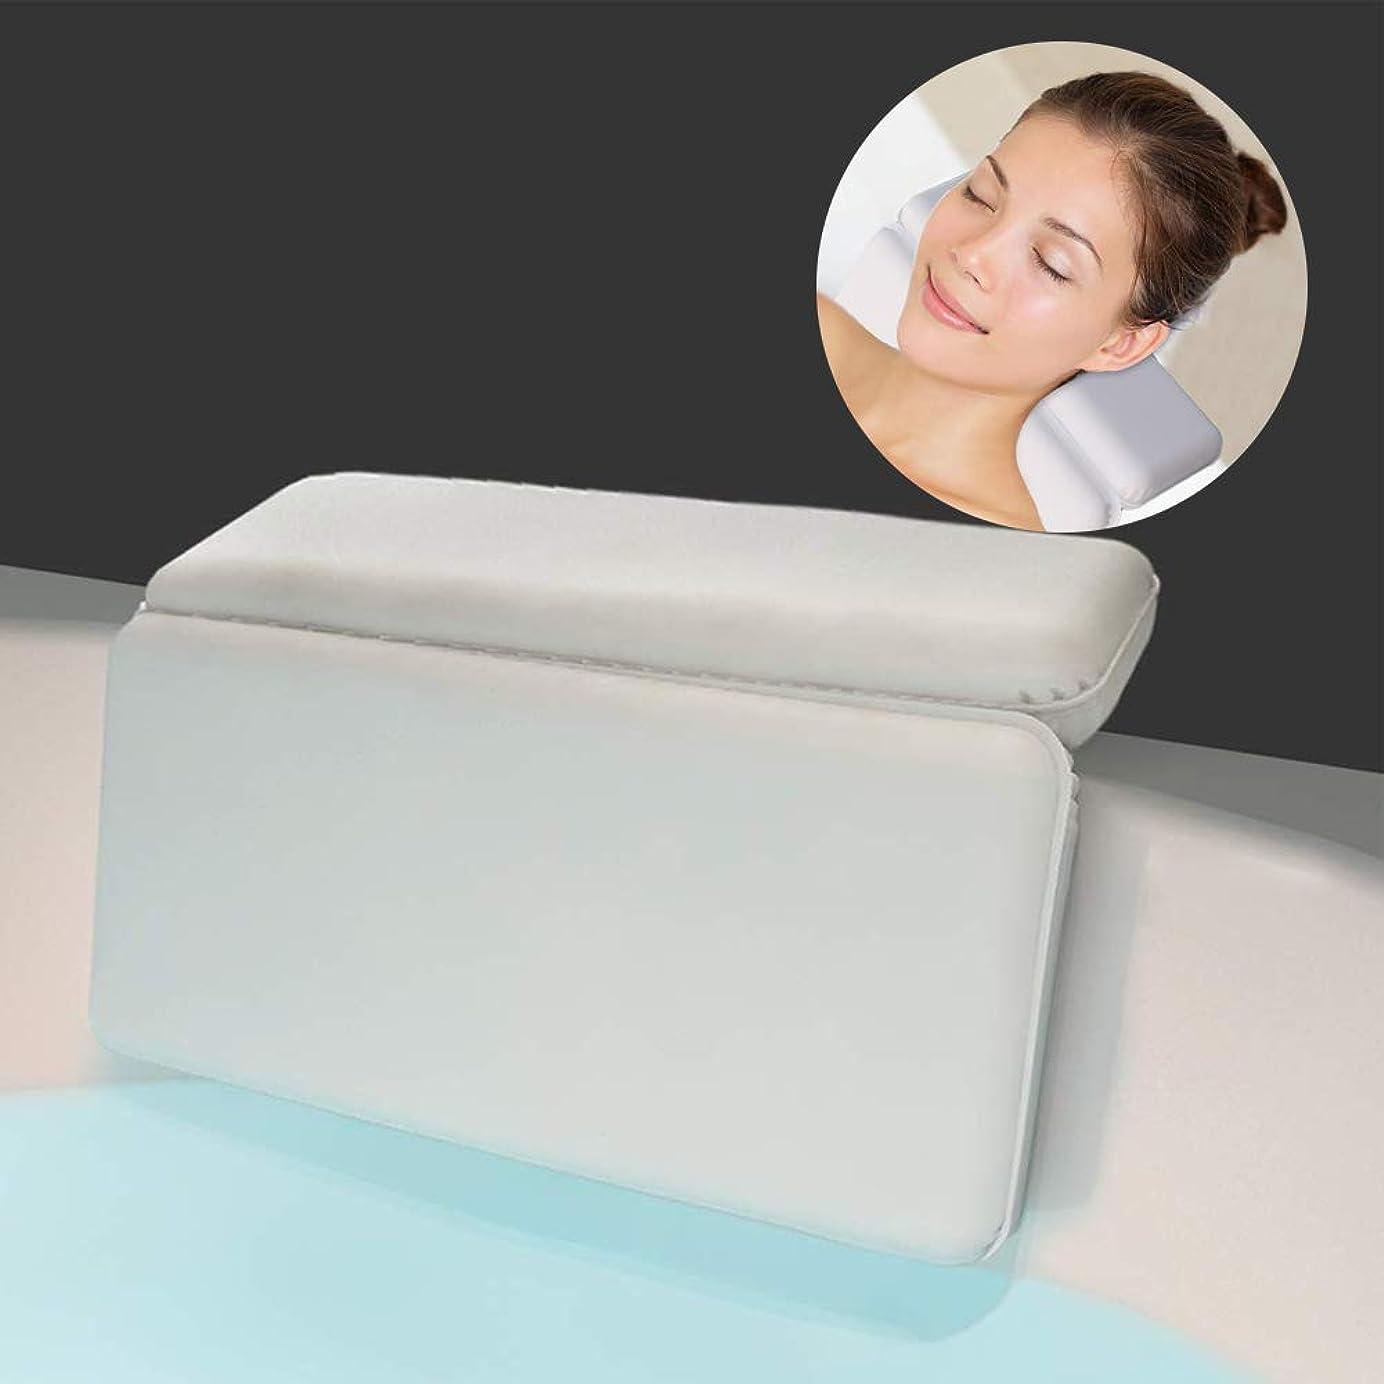 見分ける情緒的統合サクションカップ付き防水ソフトバスピローショルダー&ネックサポート用の高級バスクッション。あらゆるサイズの浴槽にフィット